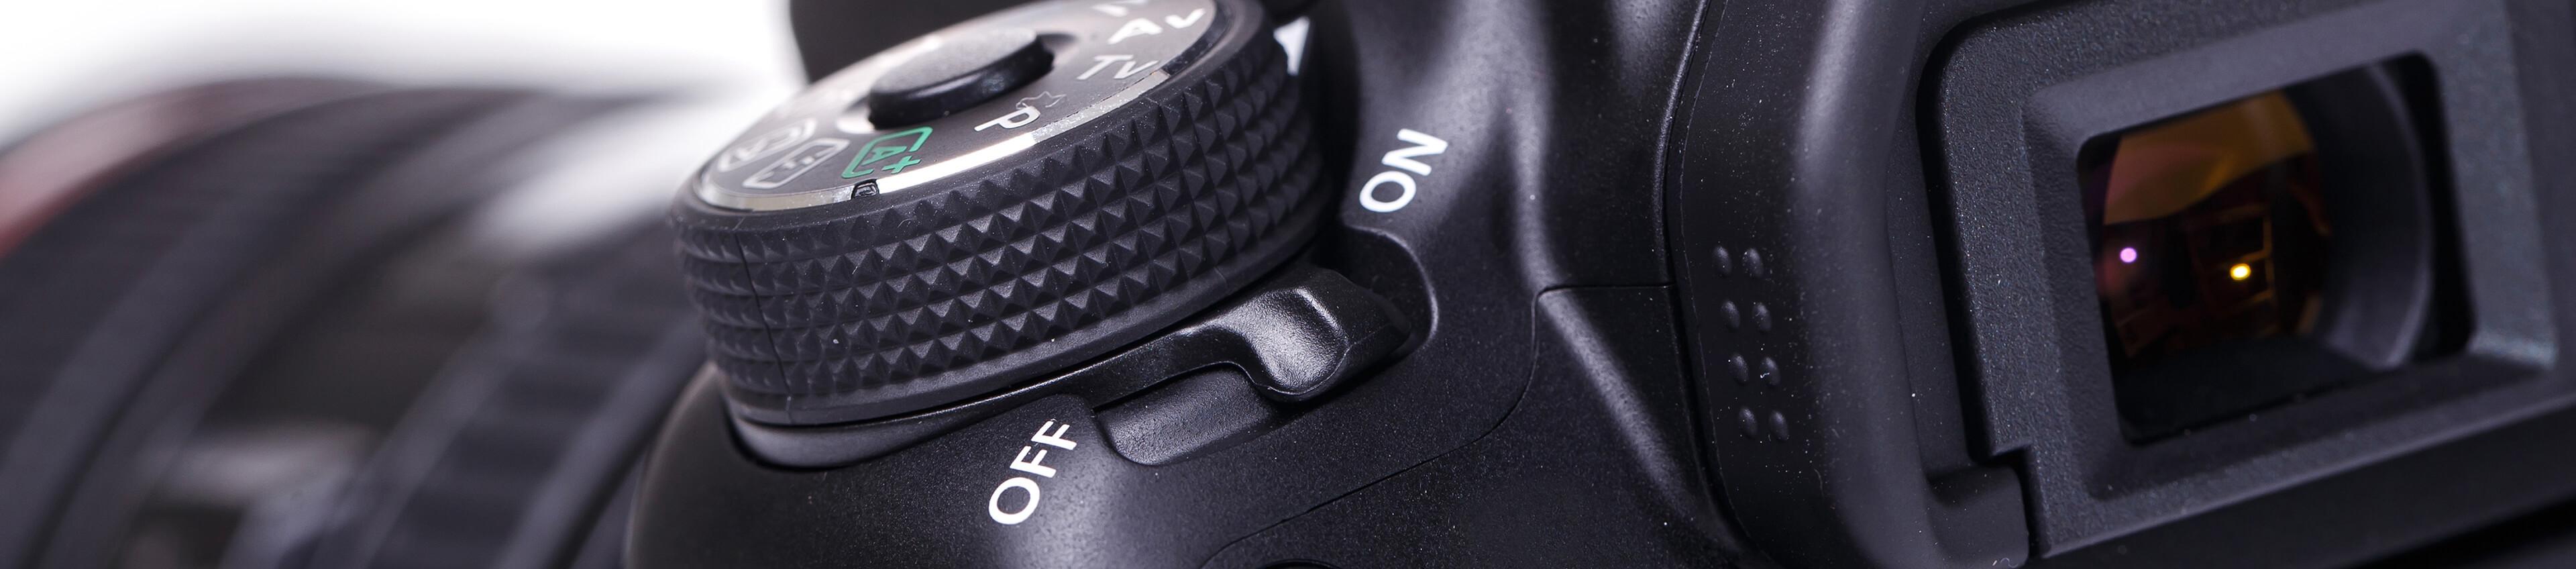 Black Friday Camera's